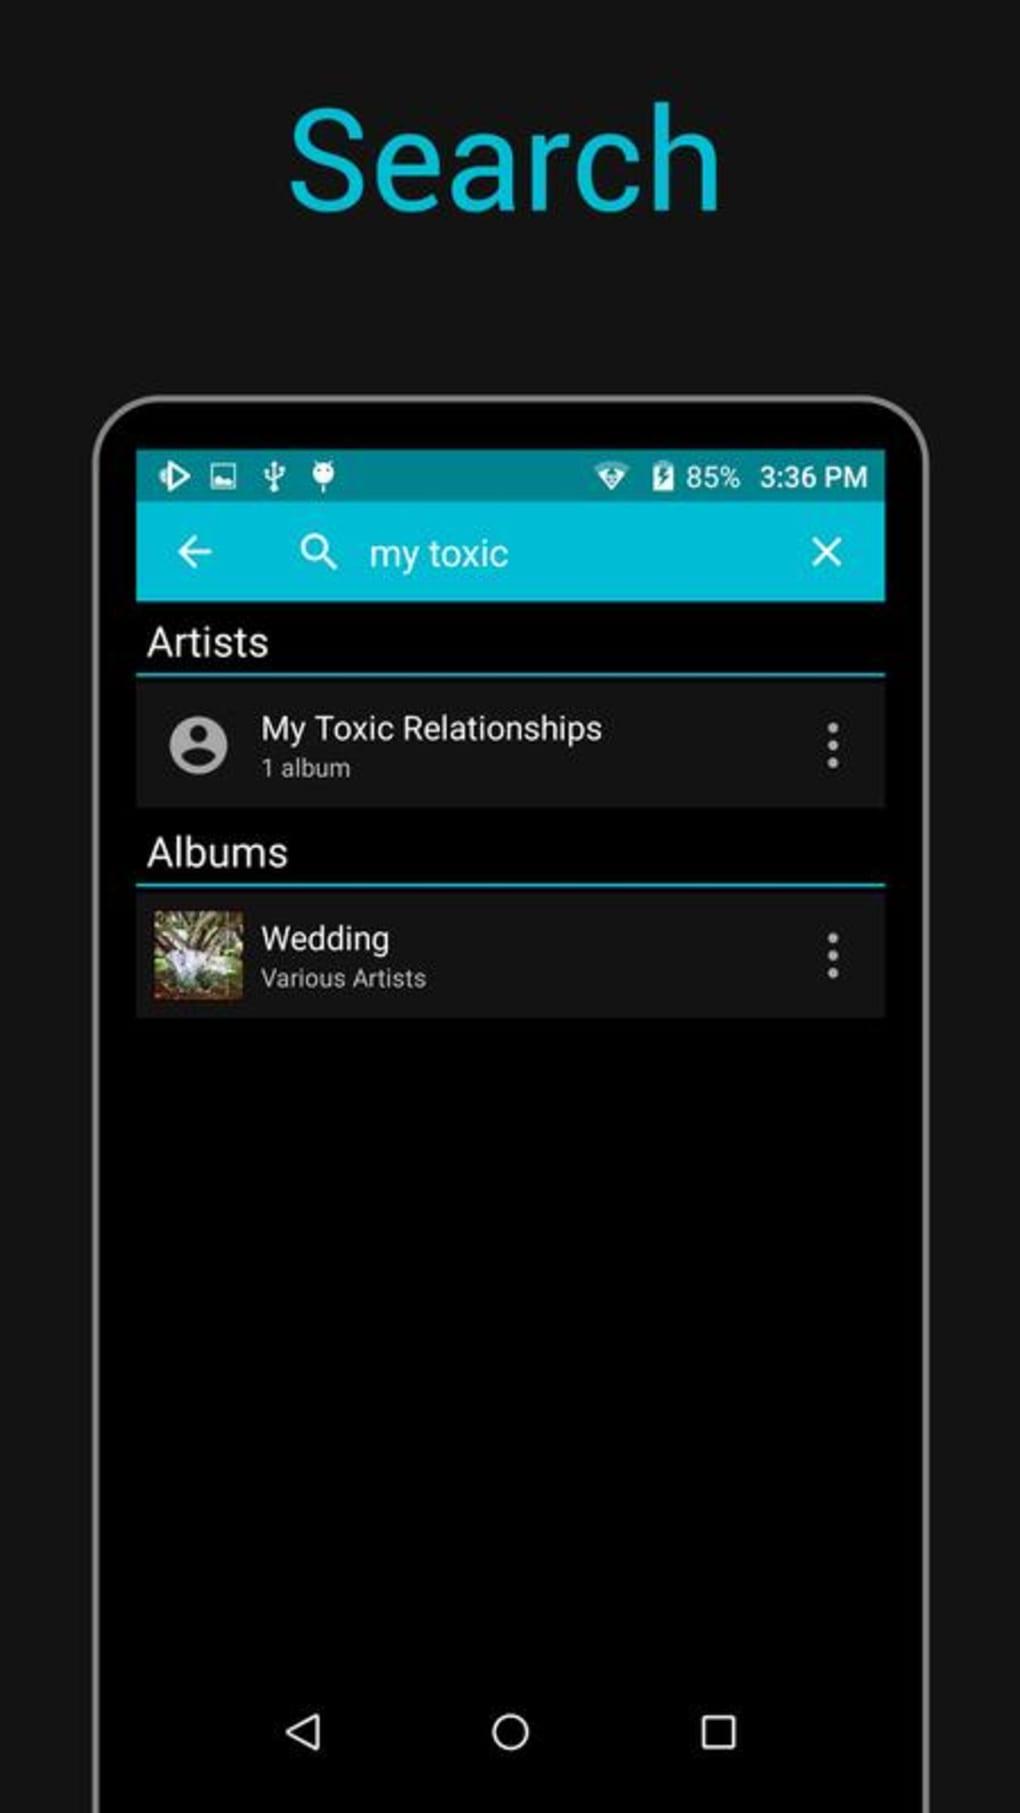 descargar musica de youtube en celular android